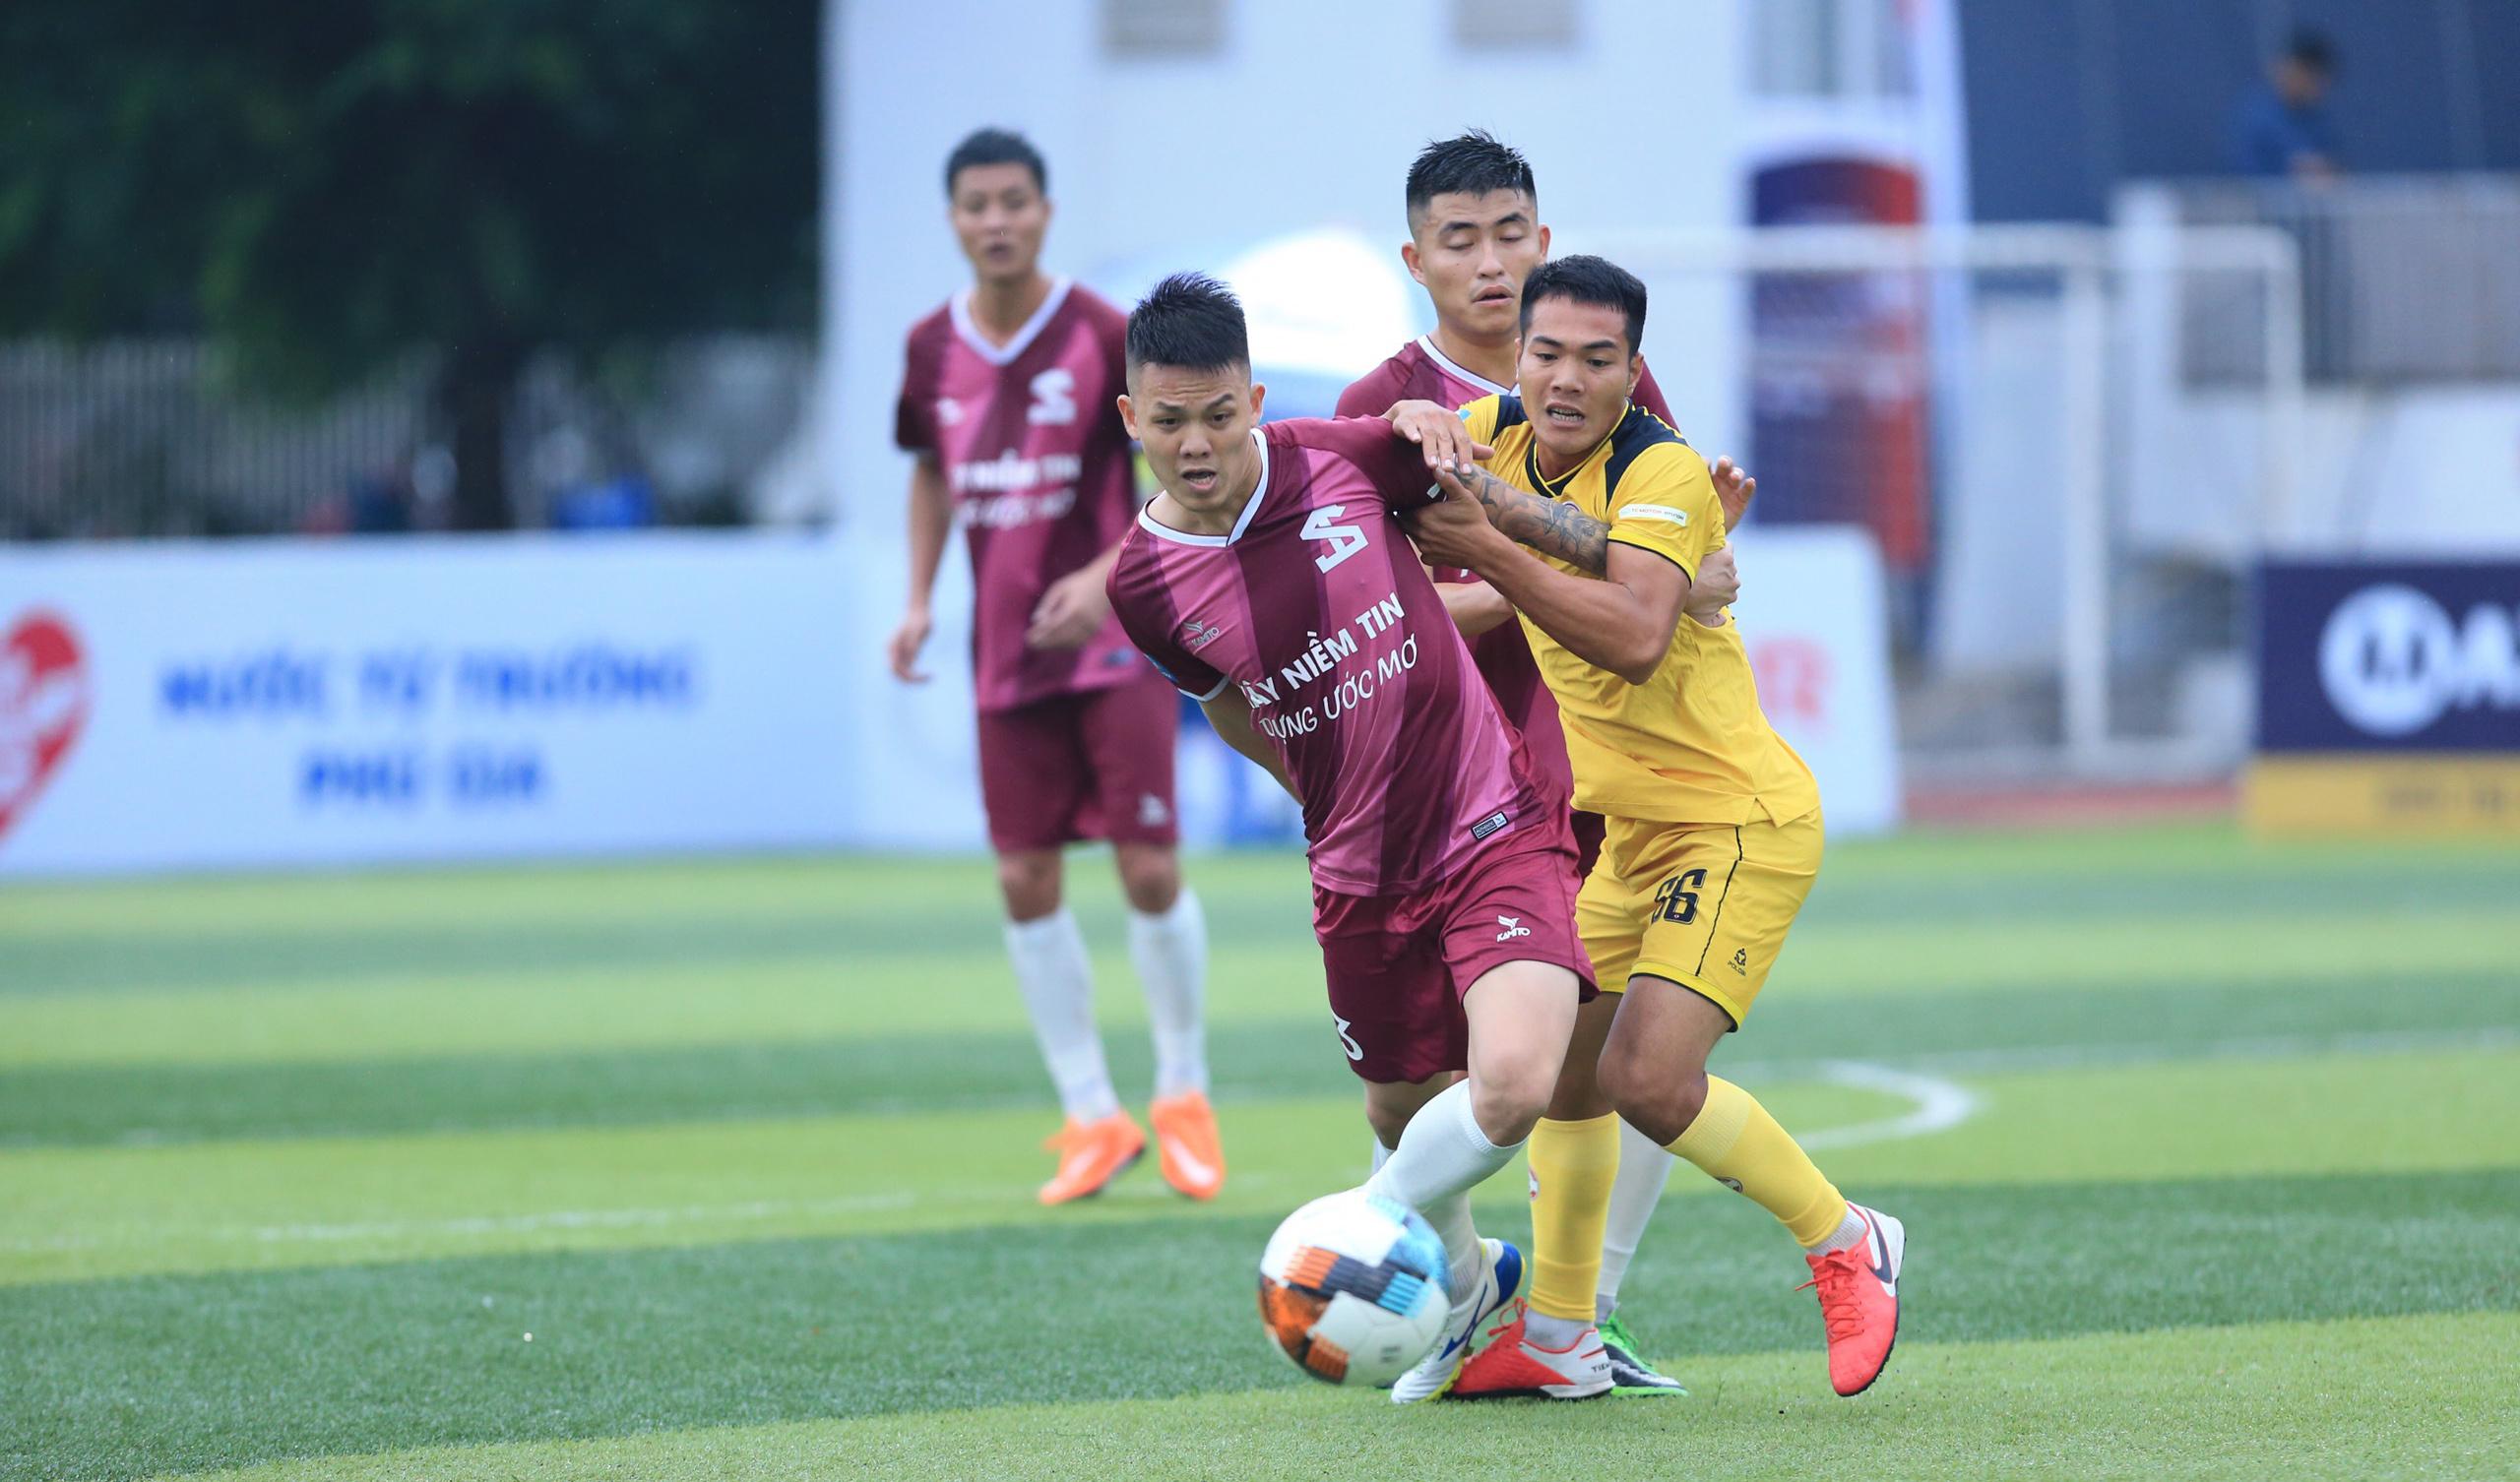 Vòng 3 HPL-S8: Rực lửa 'derby Tây Bắc', Gia Việt gặp khó